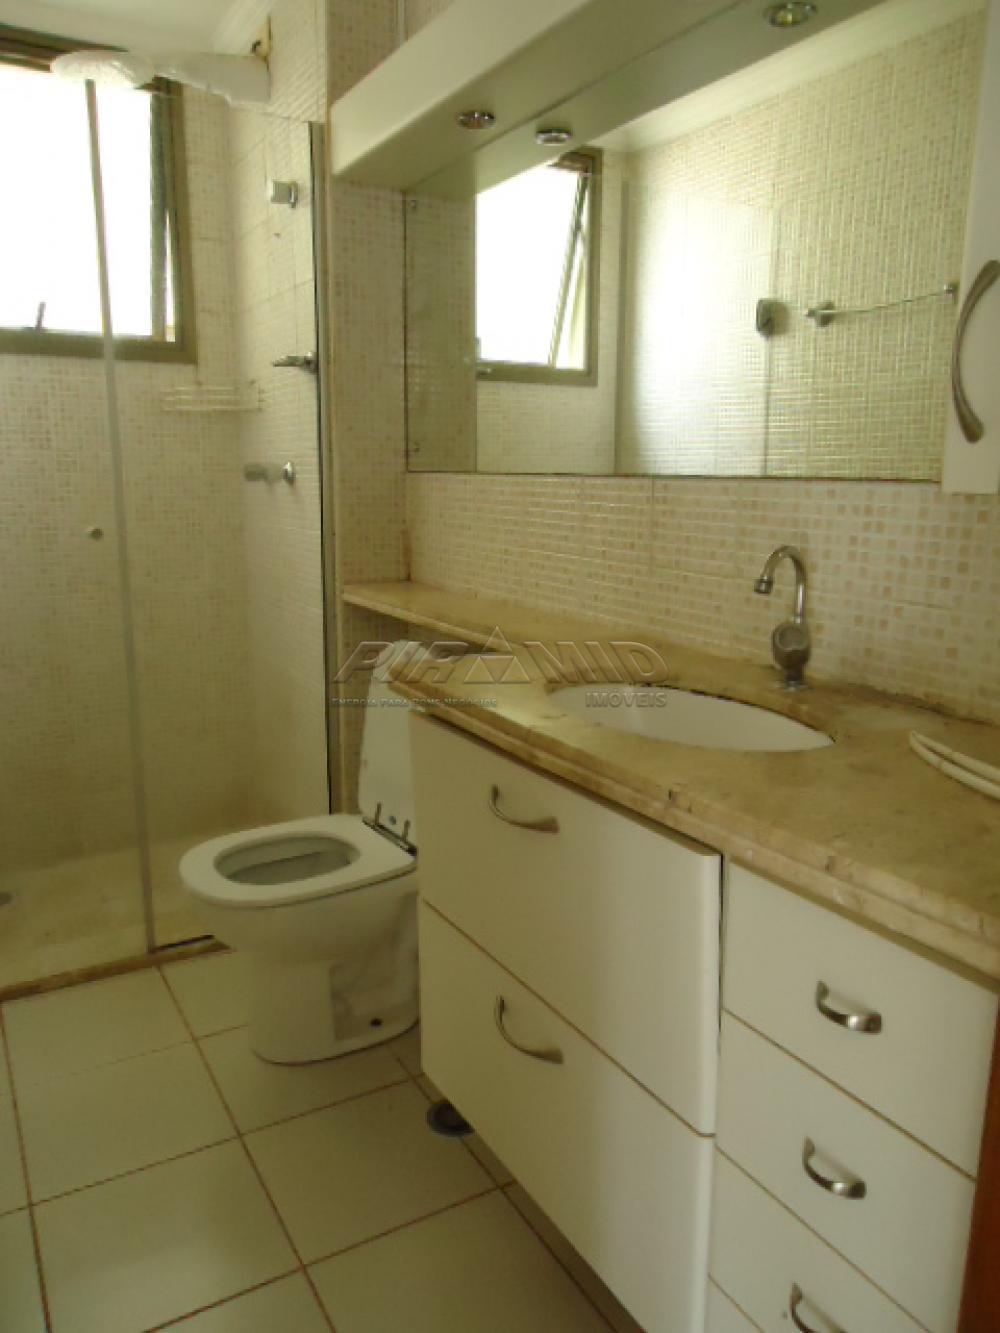 Alugar Apartamento / Padrão em Ribeirão Preto apenas R$ 1.010,00 - Foto 9